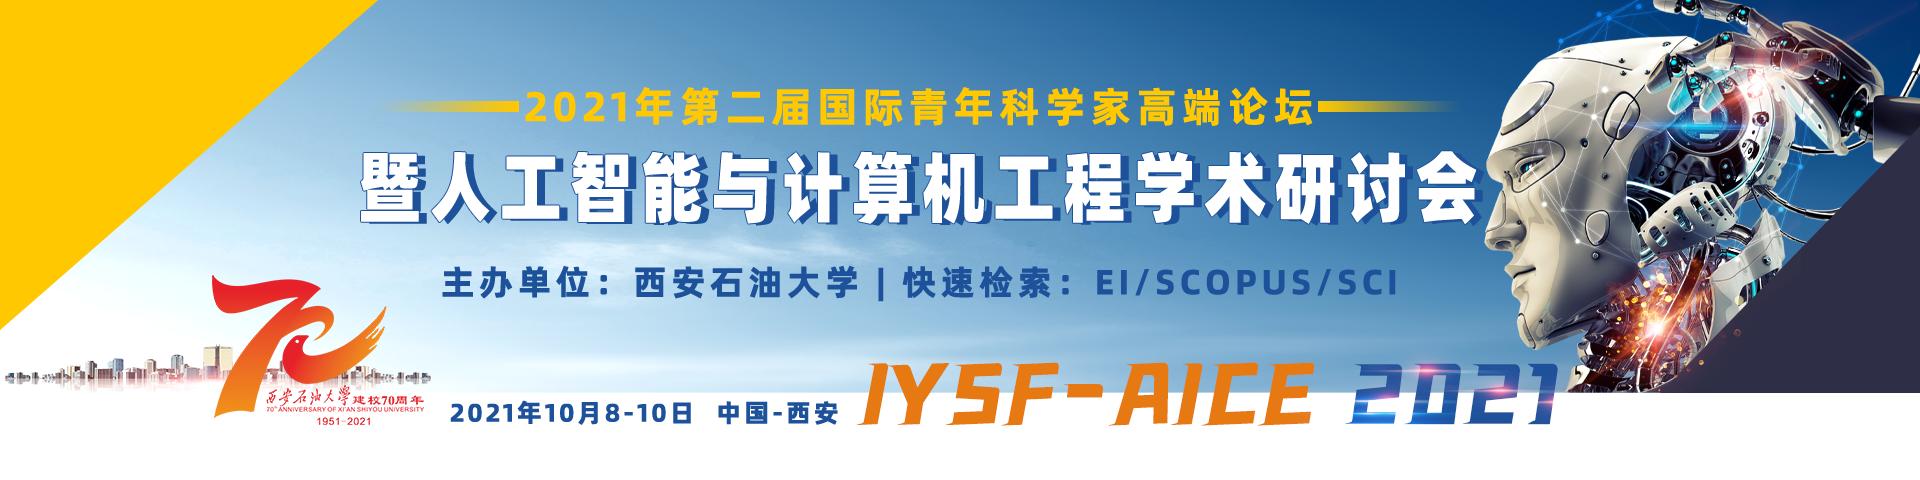 10月西安IYSF-AICE2021-banner中-何霞丽-20210526.png